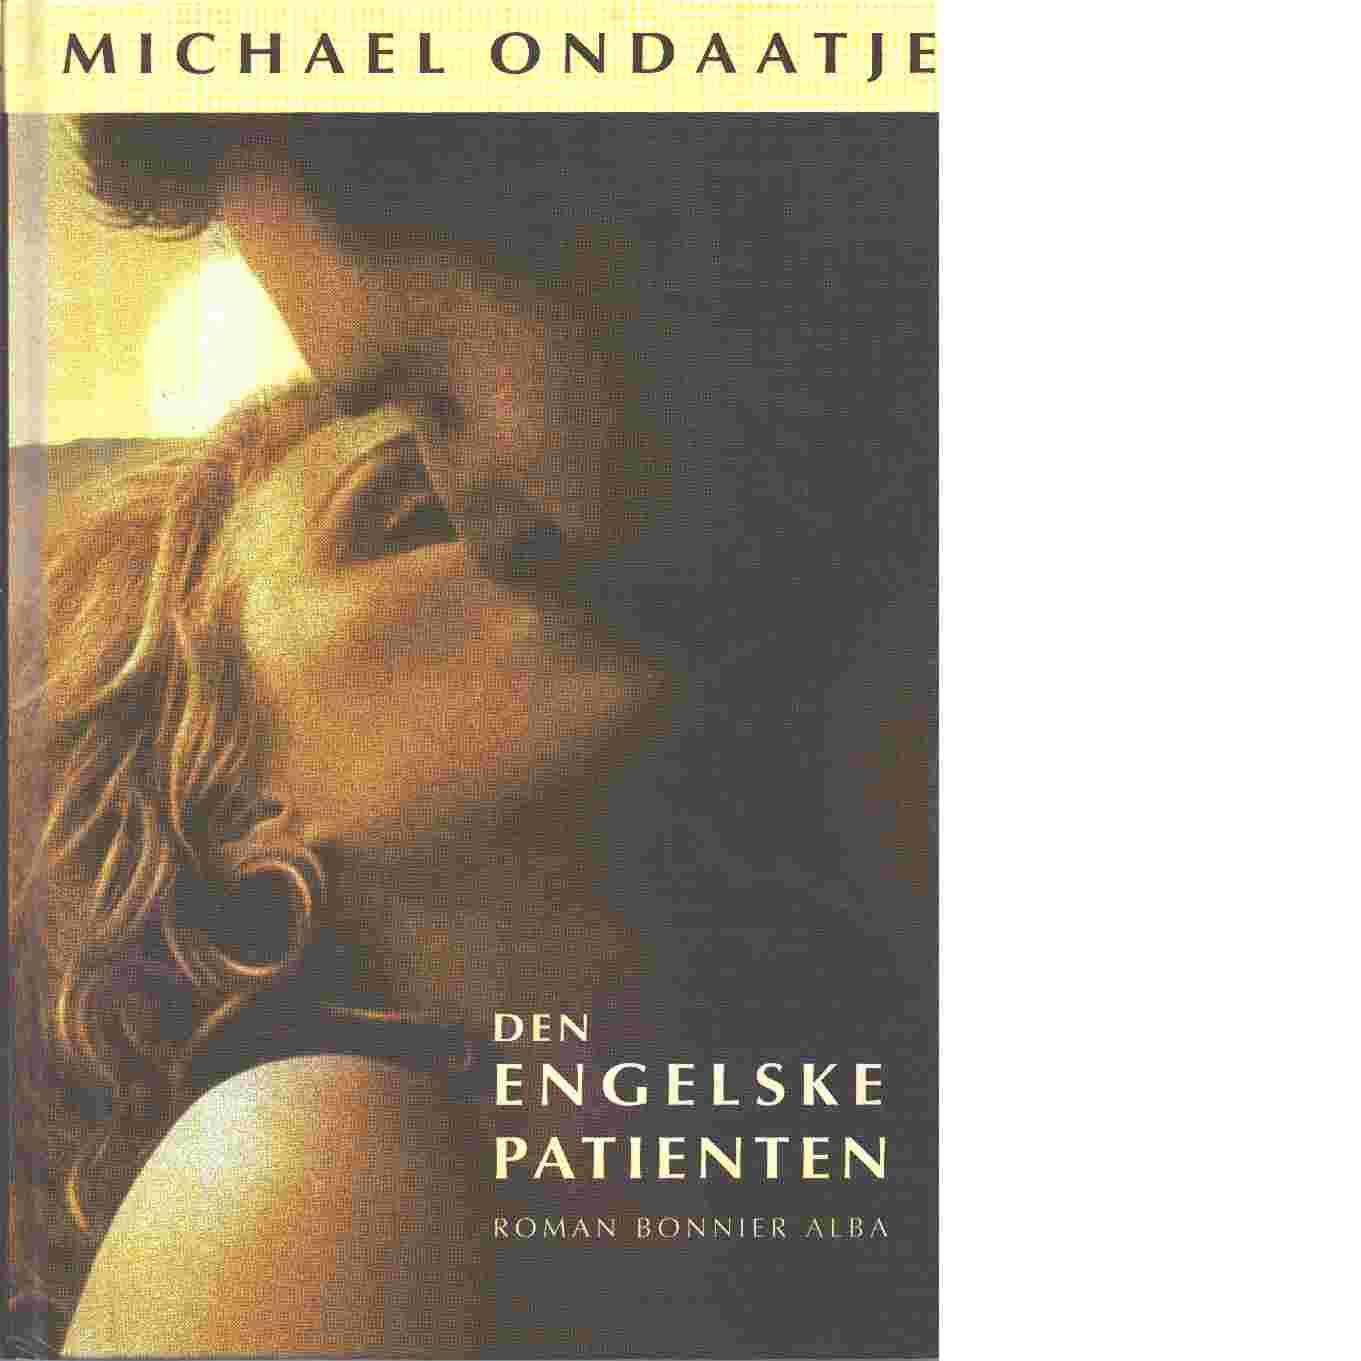 Den engelske patienten - Ondaatje, Michael